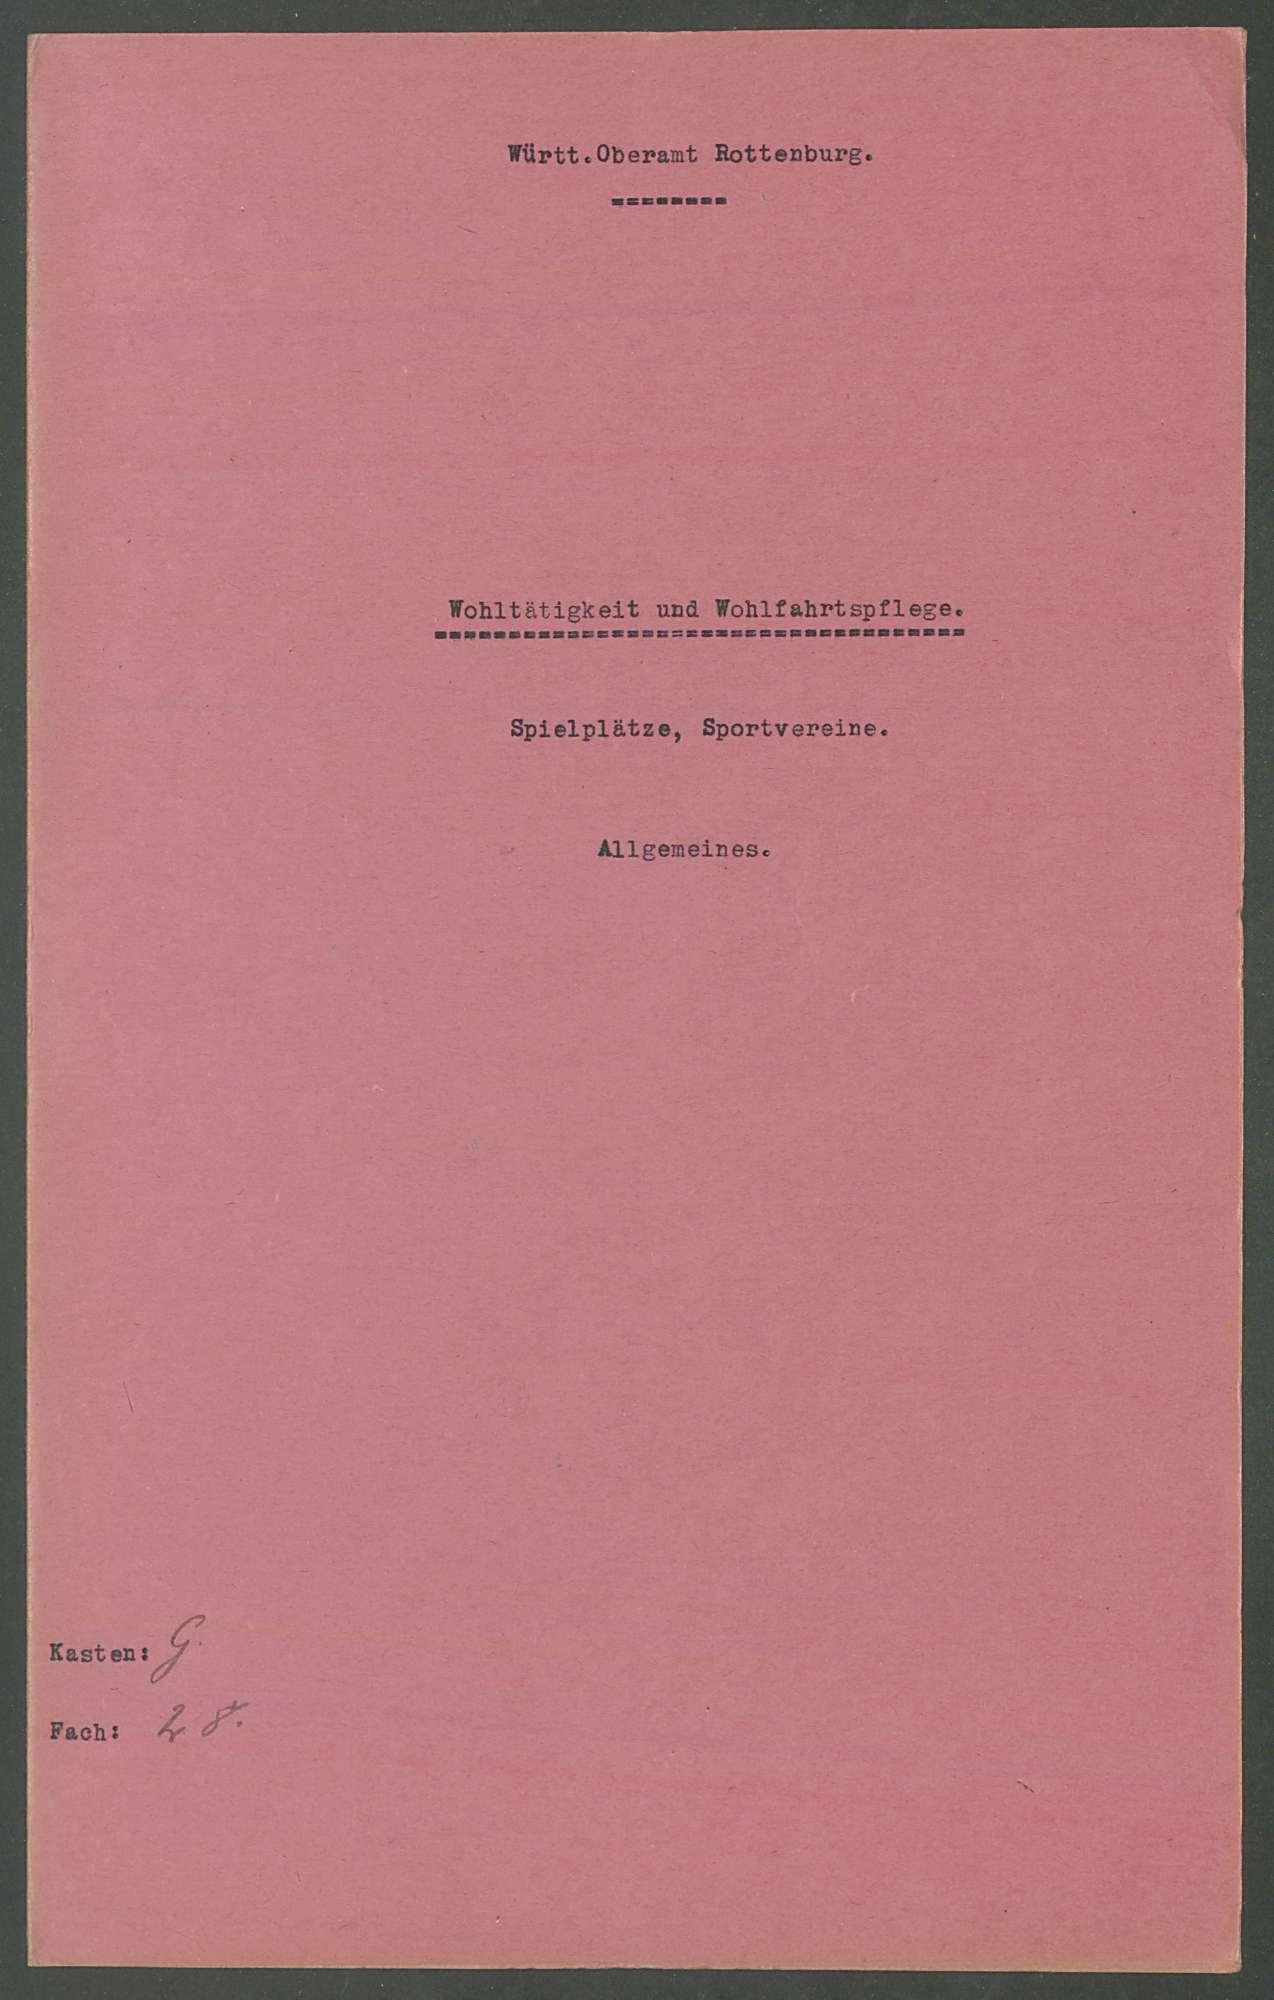 Wohltätigkeit und Wohlfahrtspflege, Spielplätze, Sportvereine: Allgemeines, Einzelfälle, Bild 2